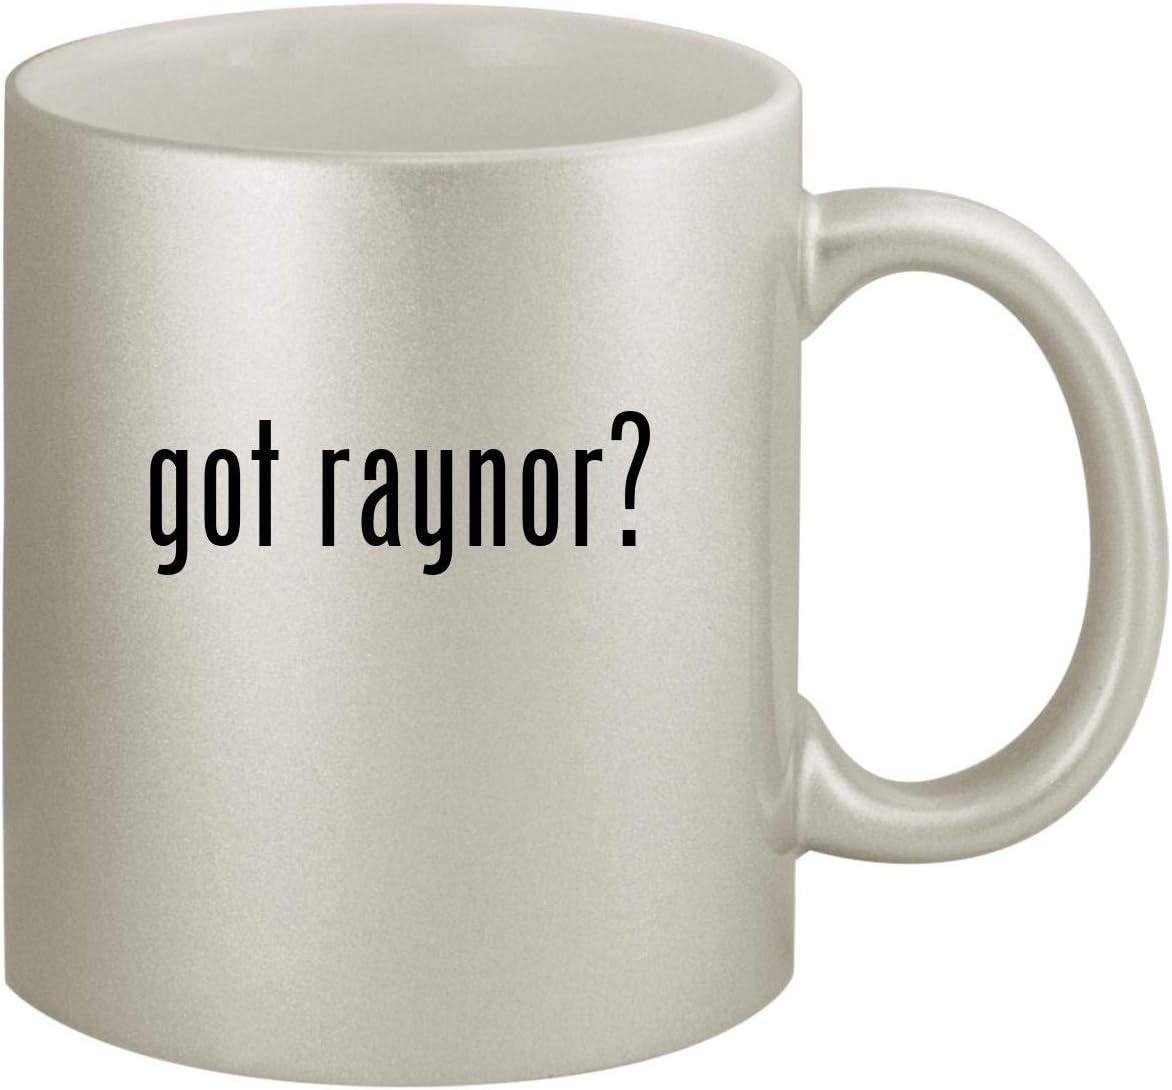 got raynor? - Ceramic 11oz Silver Coffee Mug, Silver